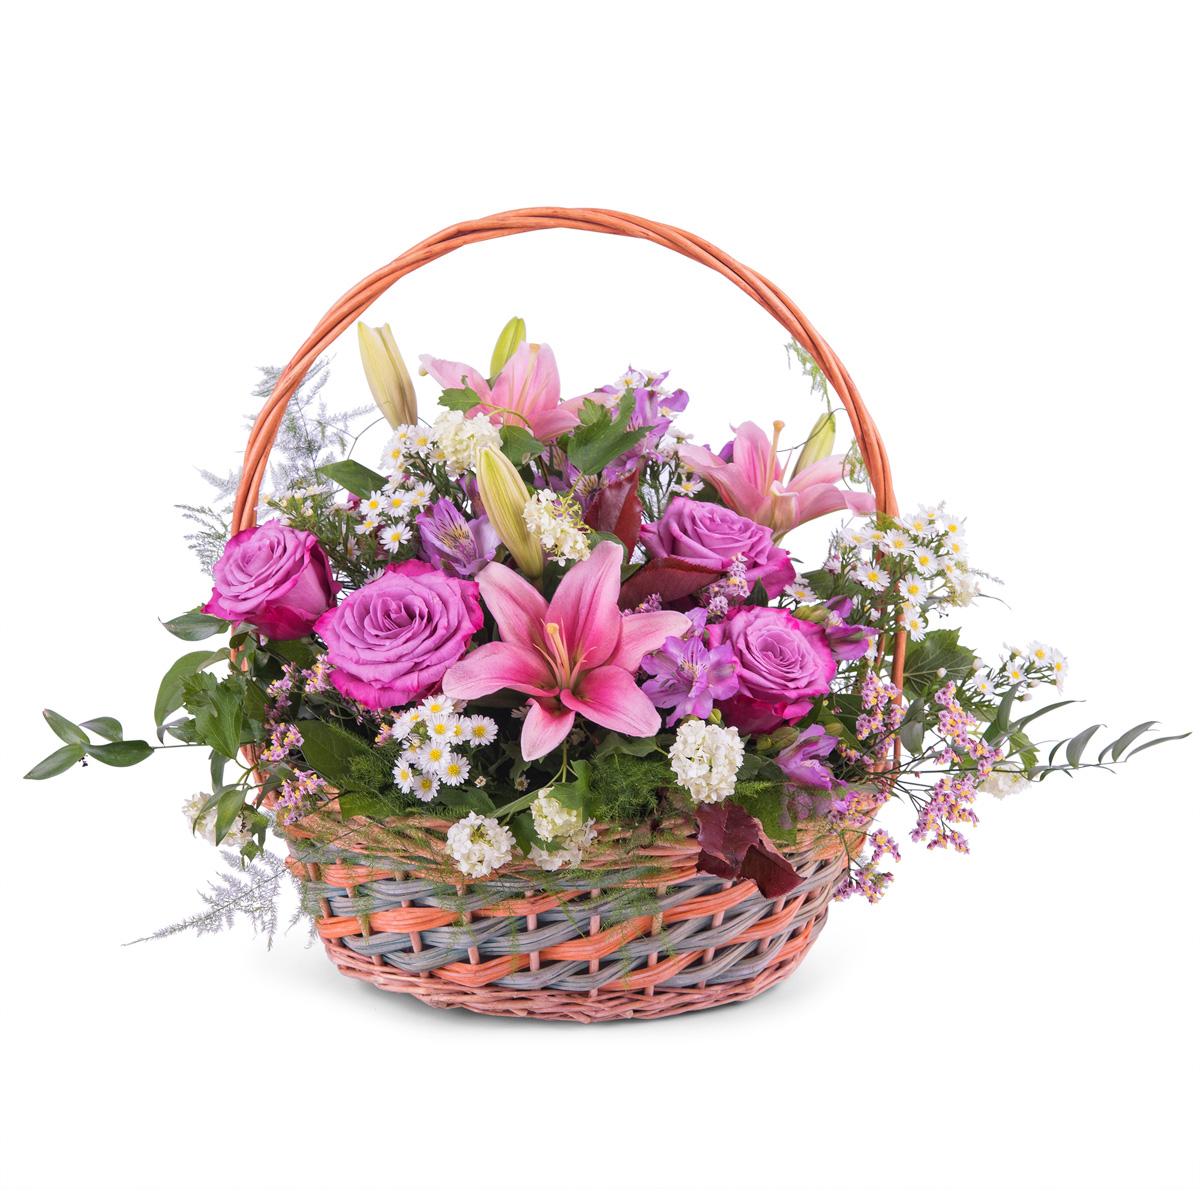 Cesta Primaveral Multicolor - Env?o de Flores a Domicilio